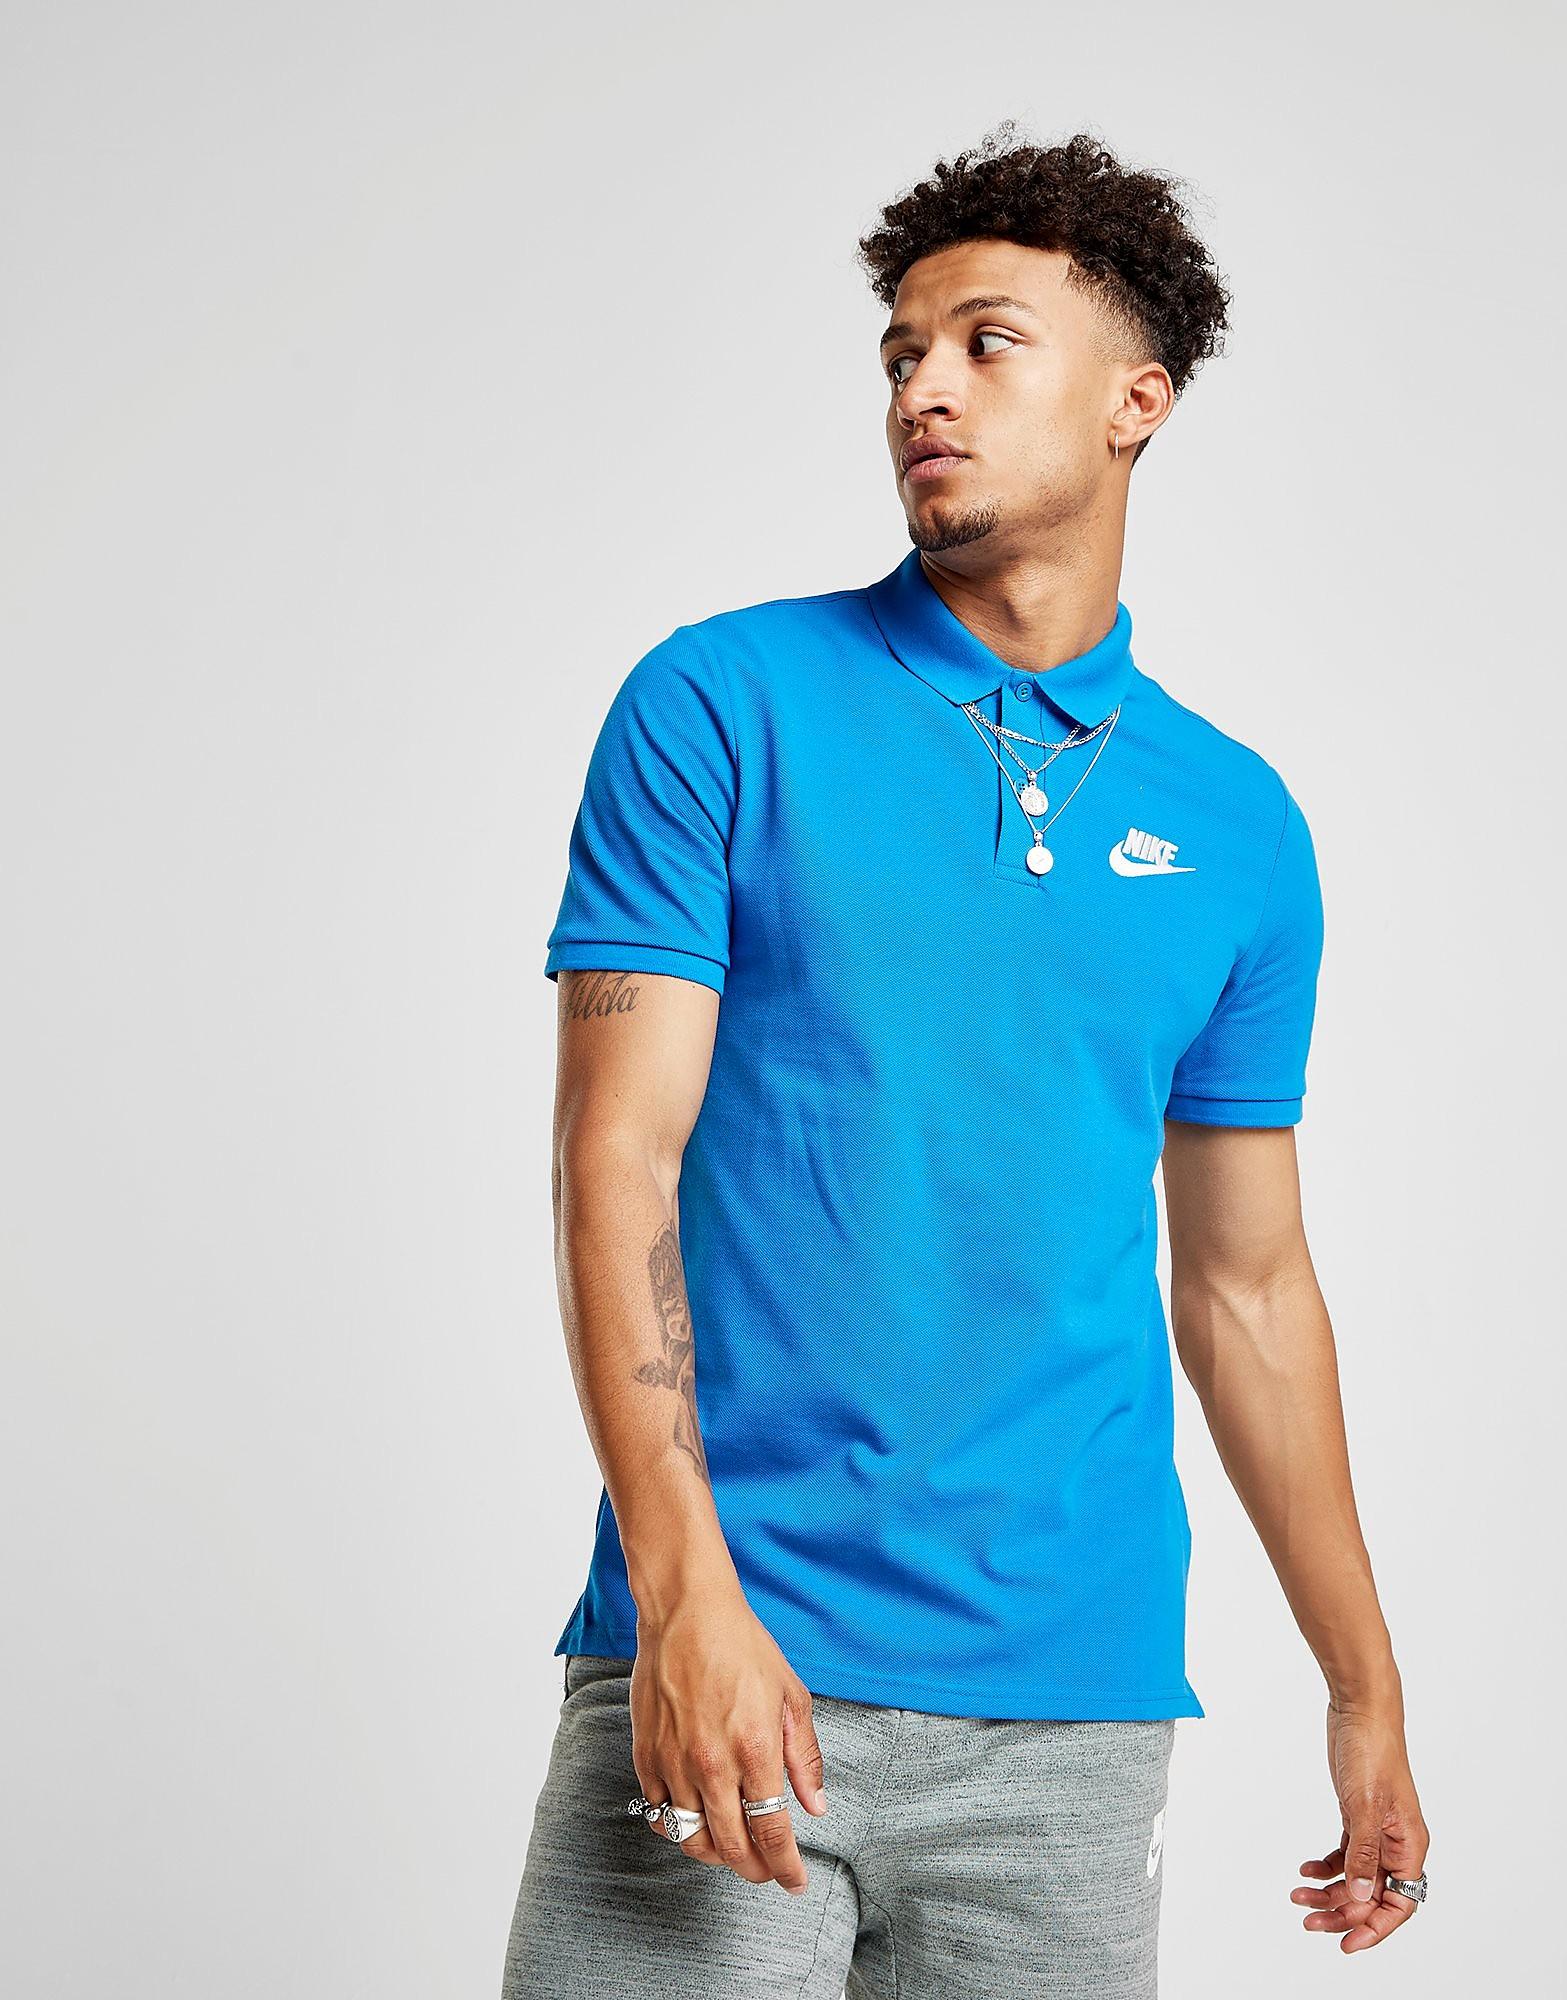 Nike Foundation Polo Pique Shirt